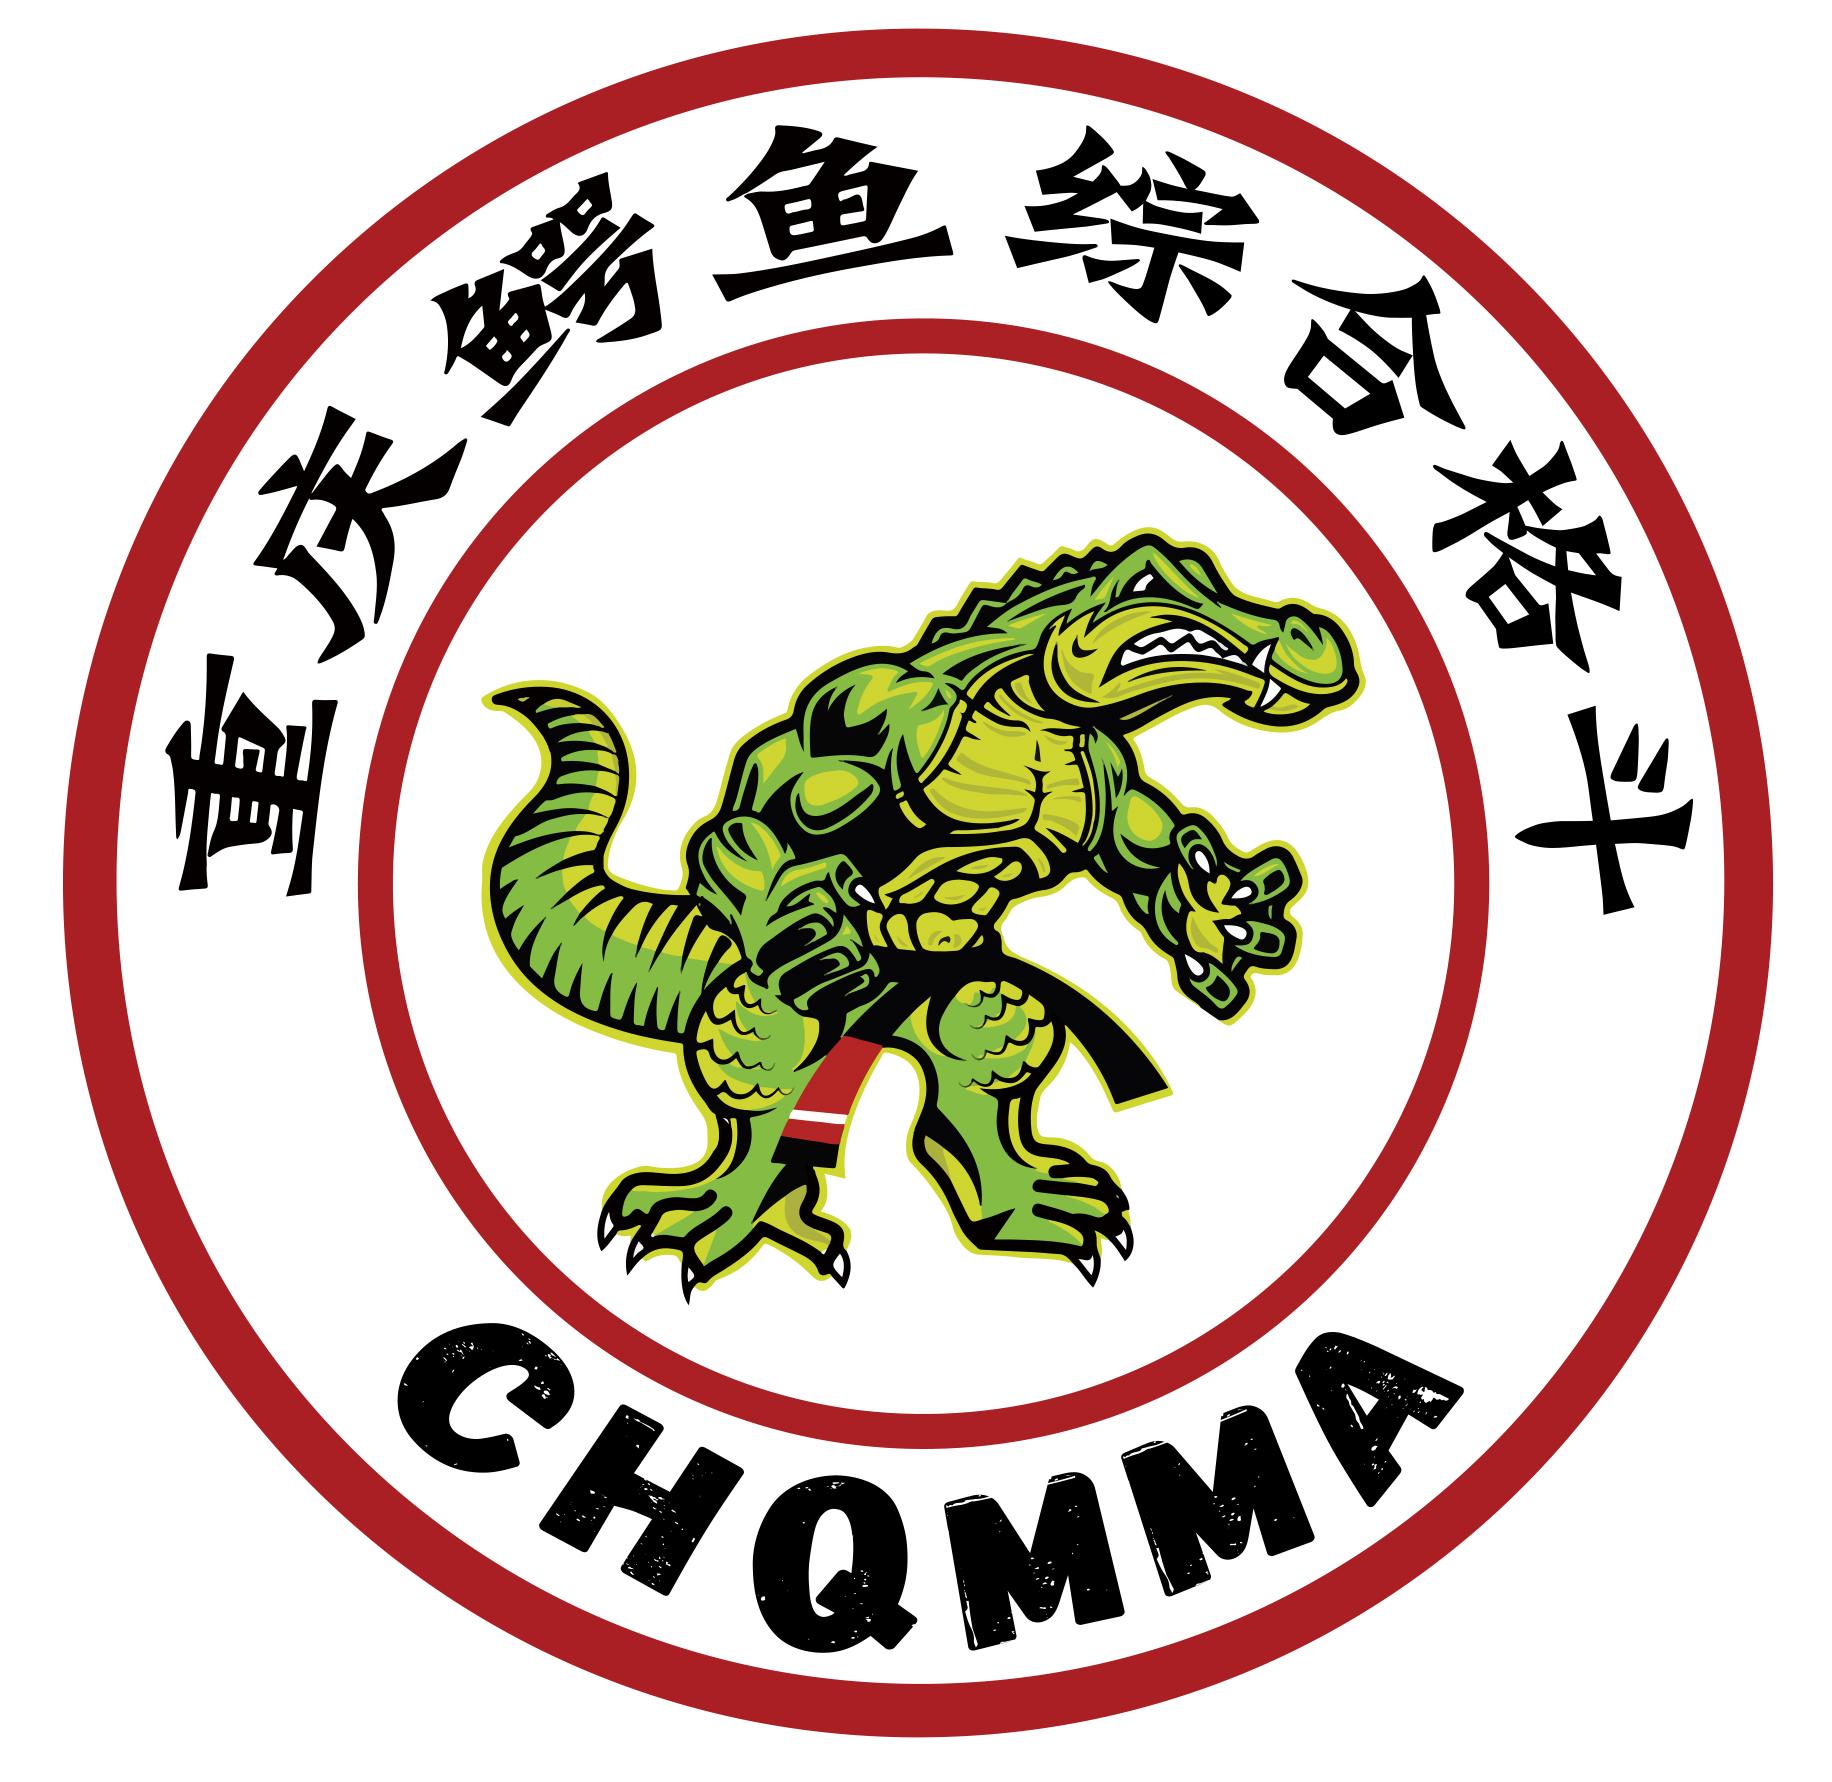 重庆鳄鱼格斗馆